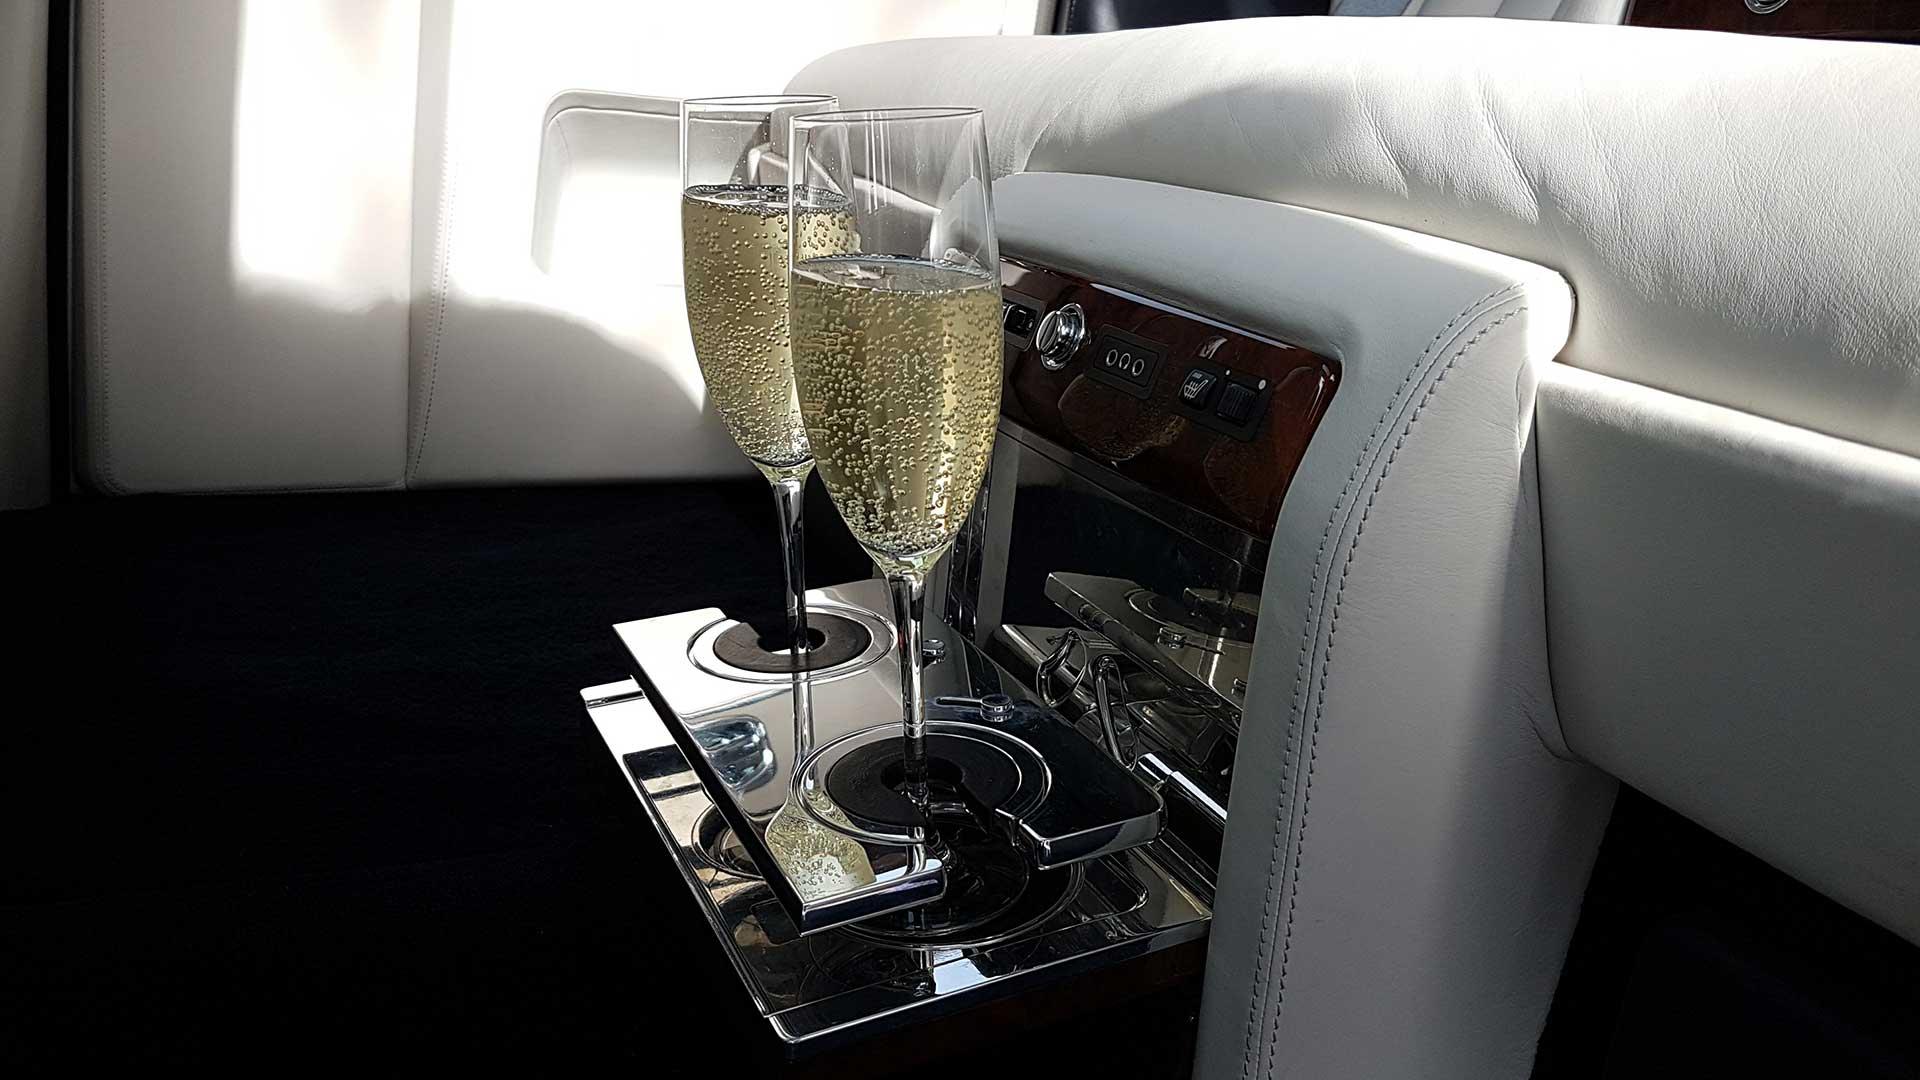 Rolls-Royce Phantom Sapphire Bespoke Champagne Holder